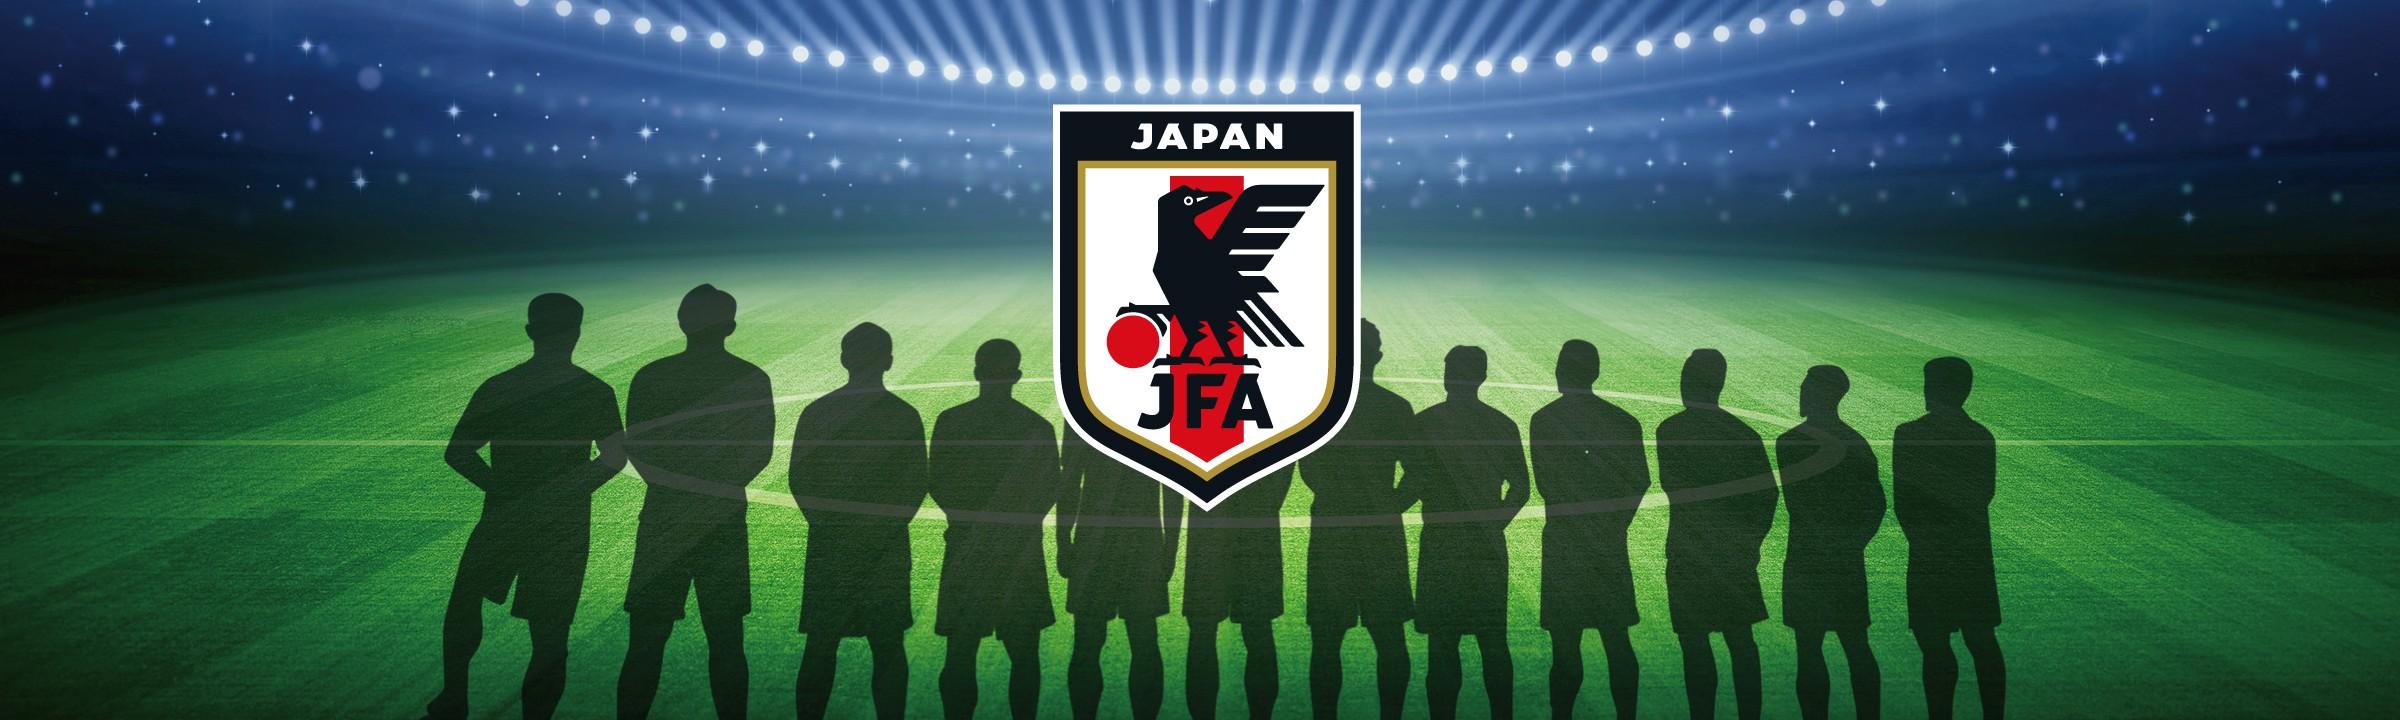 特集 サッカー日本代表